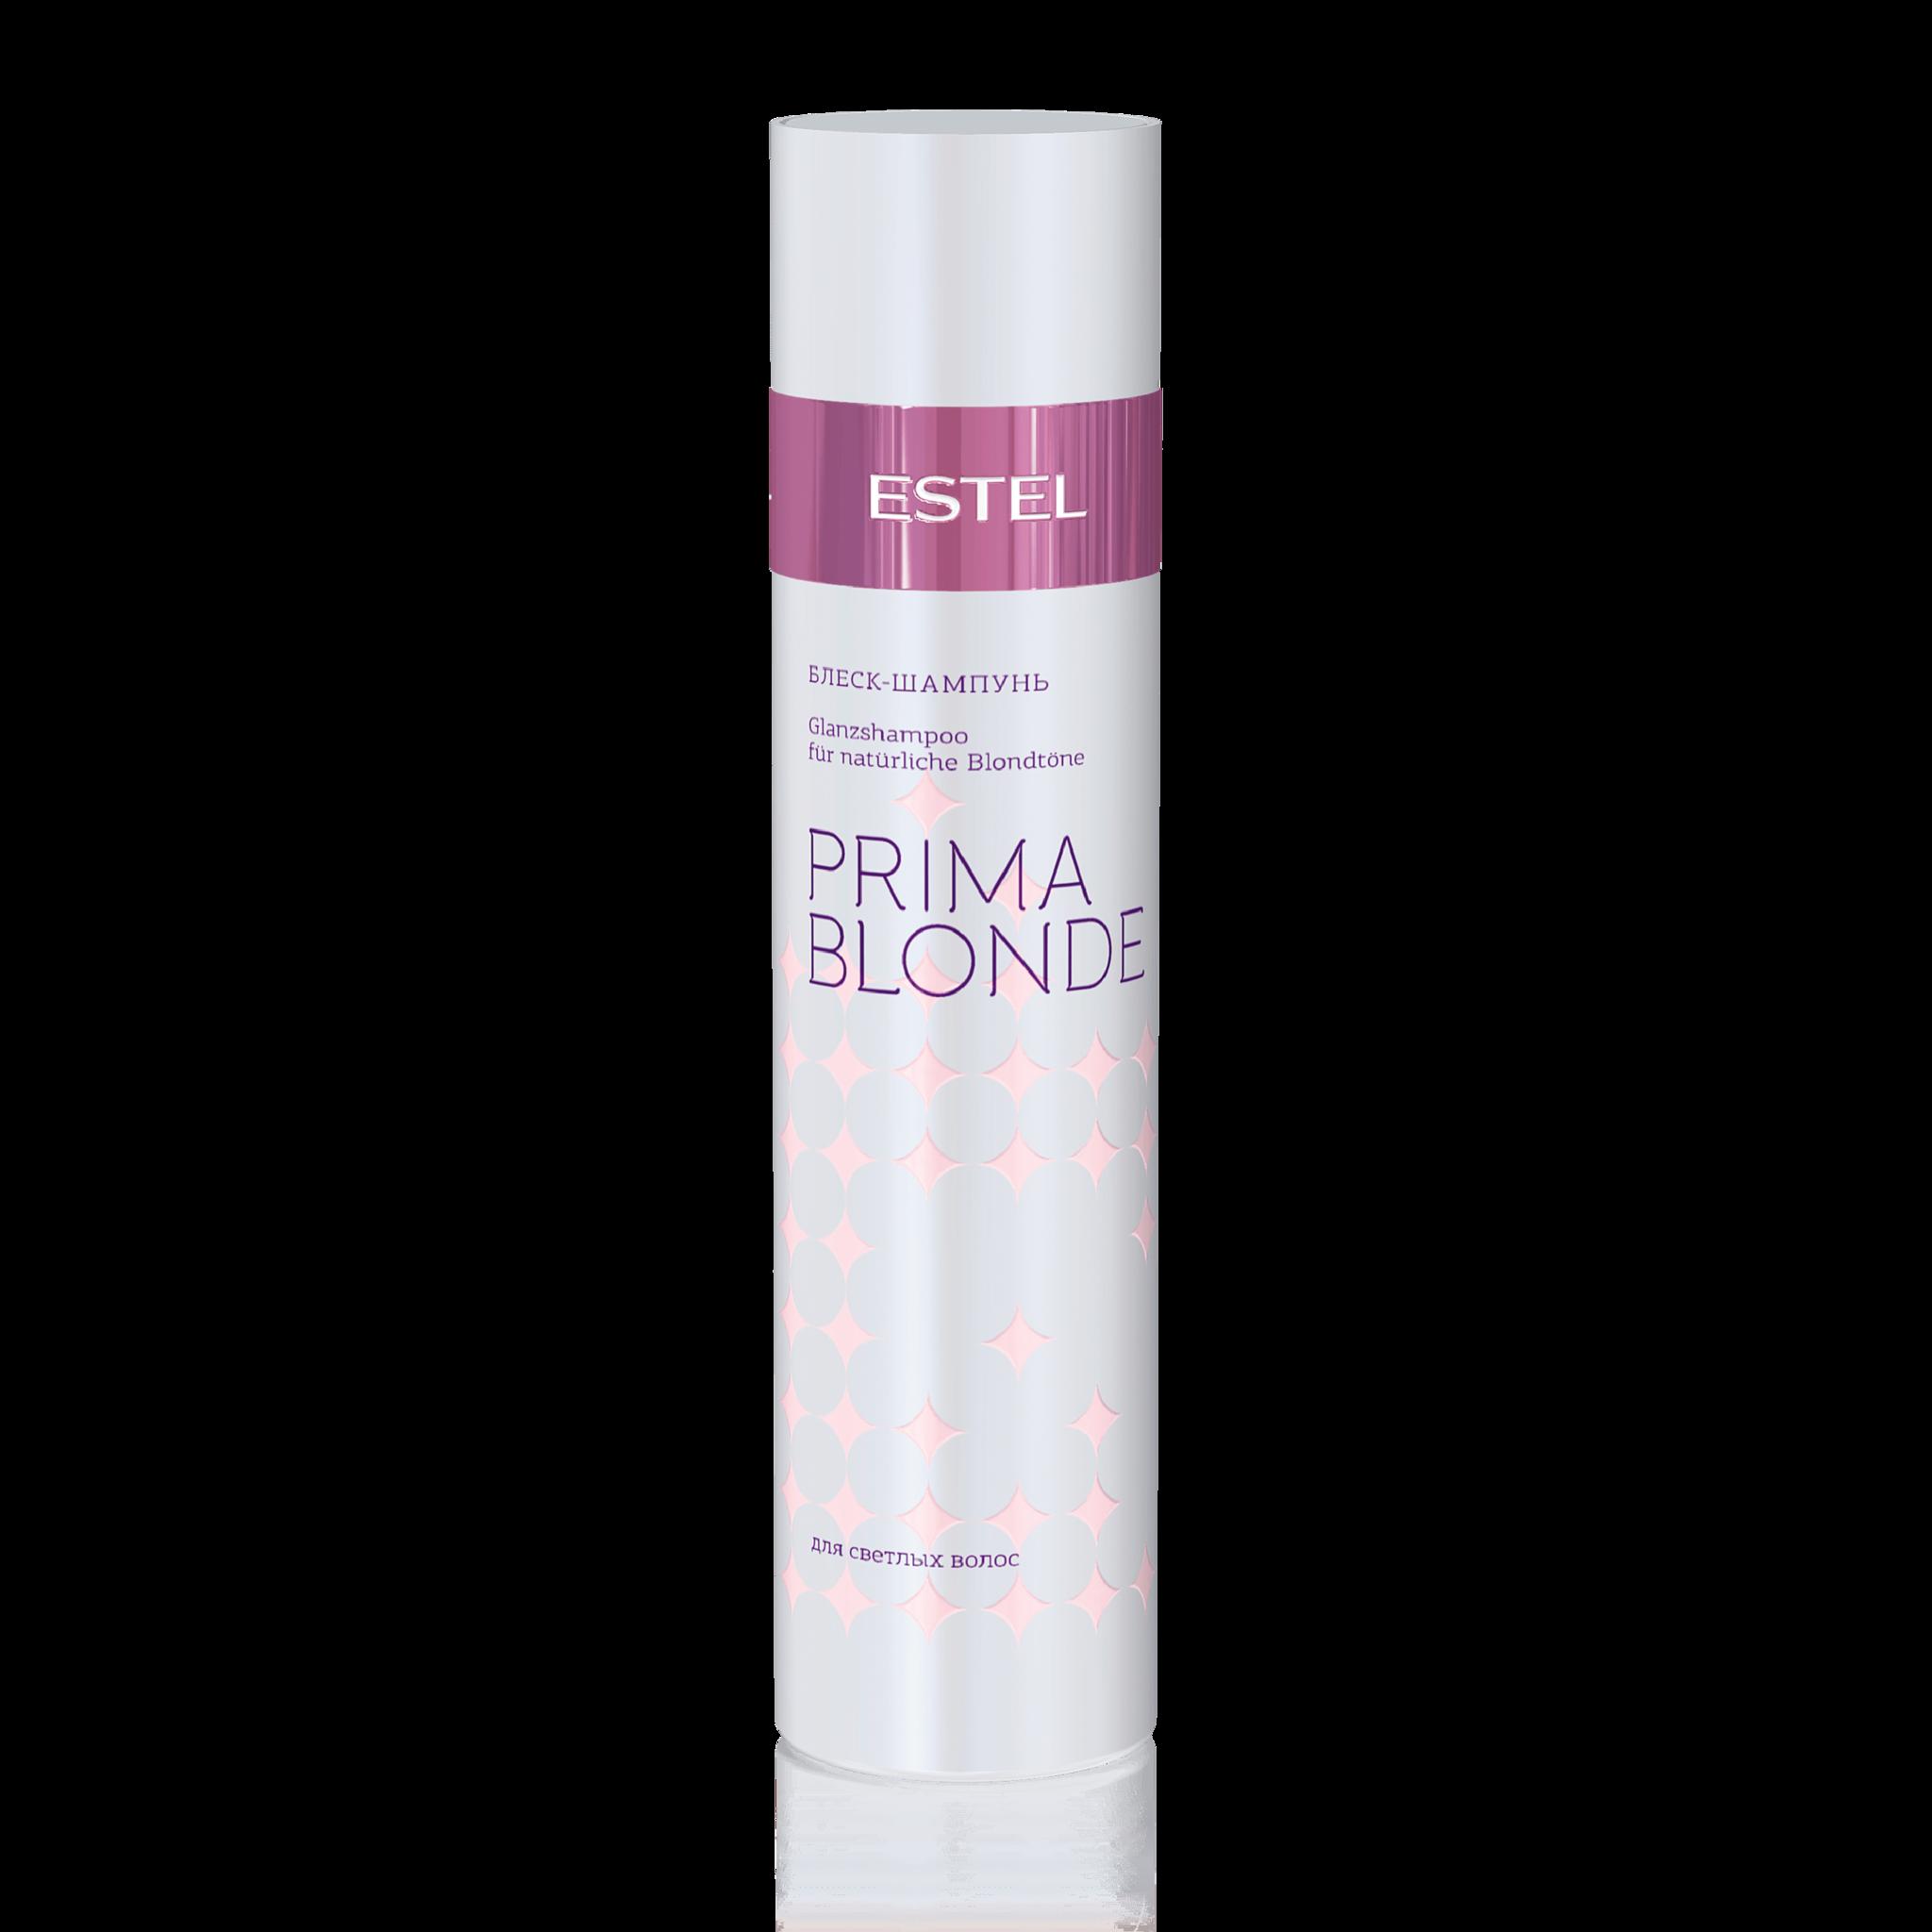 Блеск-шампунь для светлых волос PRIMA BLONDE, 250